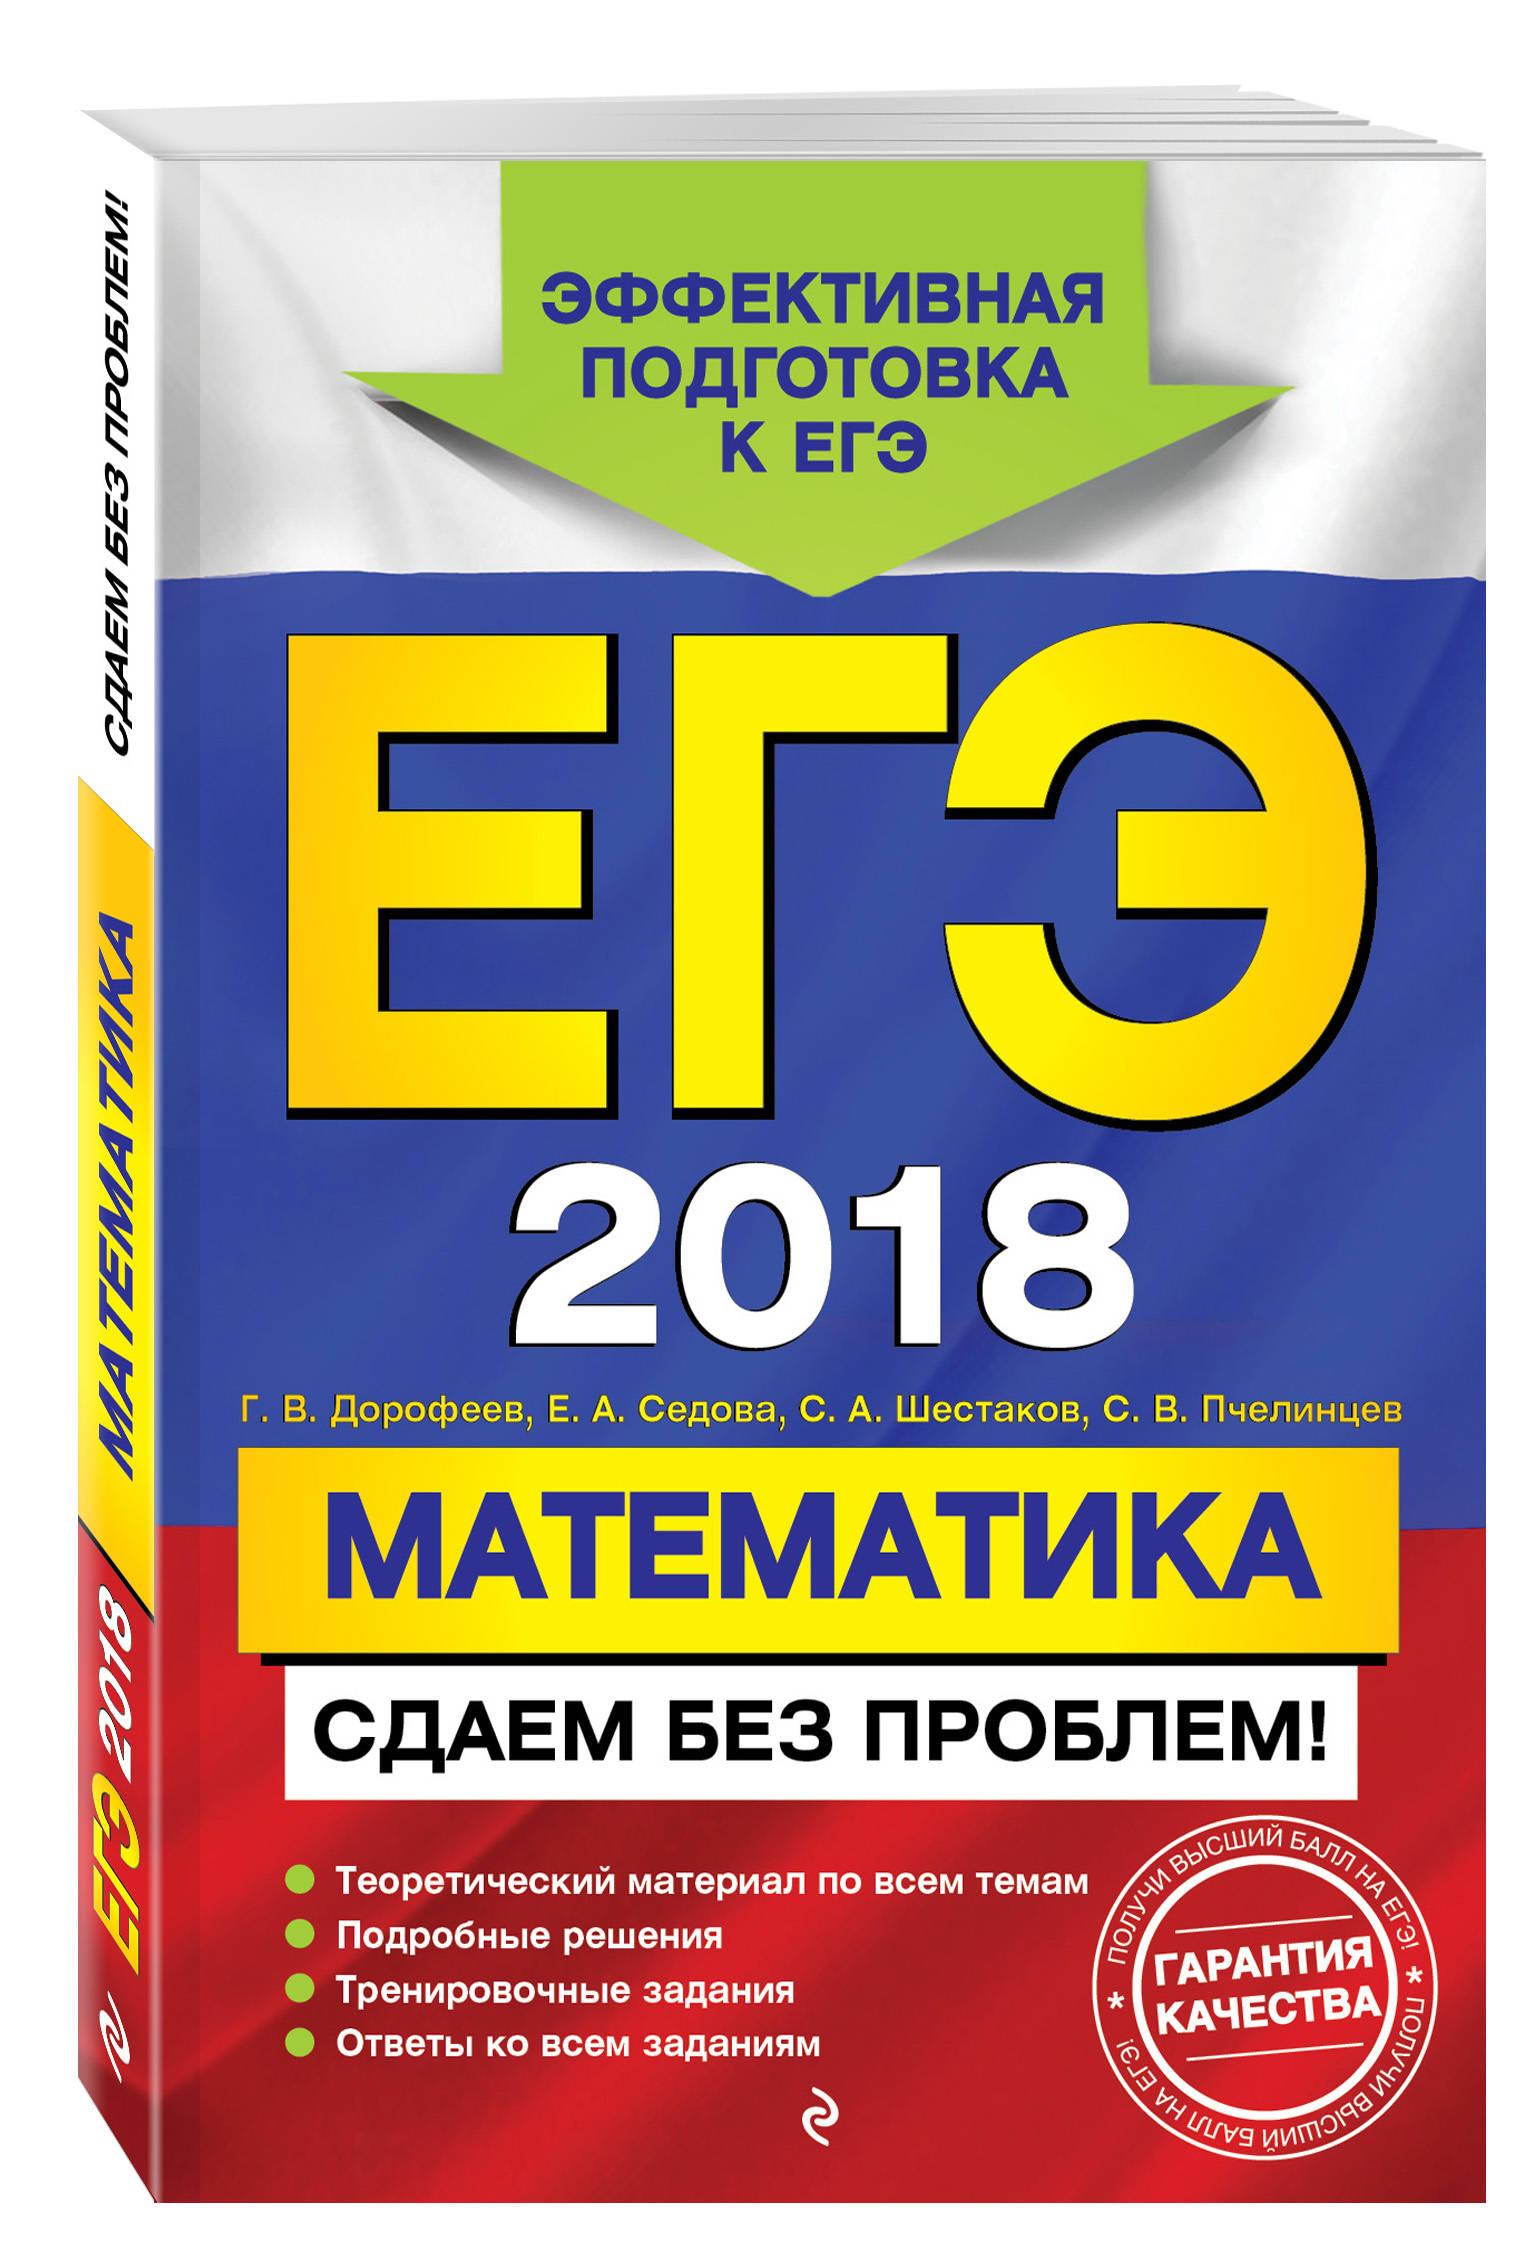 ЕГЭ-2018. Математика. Сдаем без проблем! ( Дорофеев Г.В., Седова Е.А., Шестаков С.А.  )